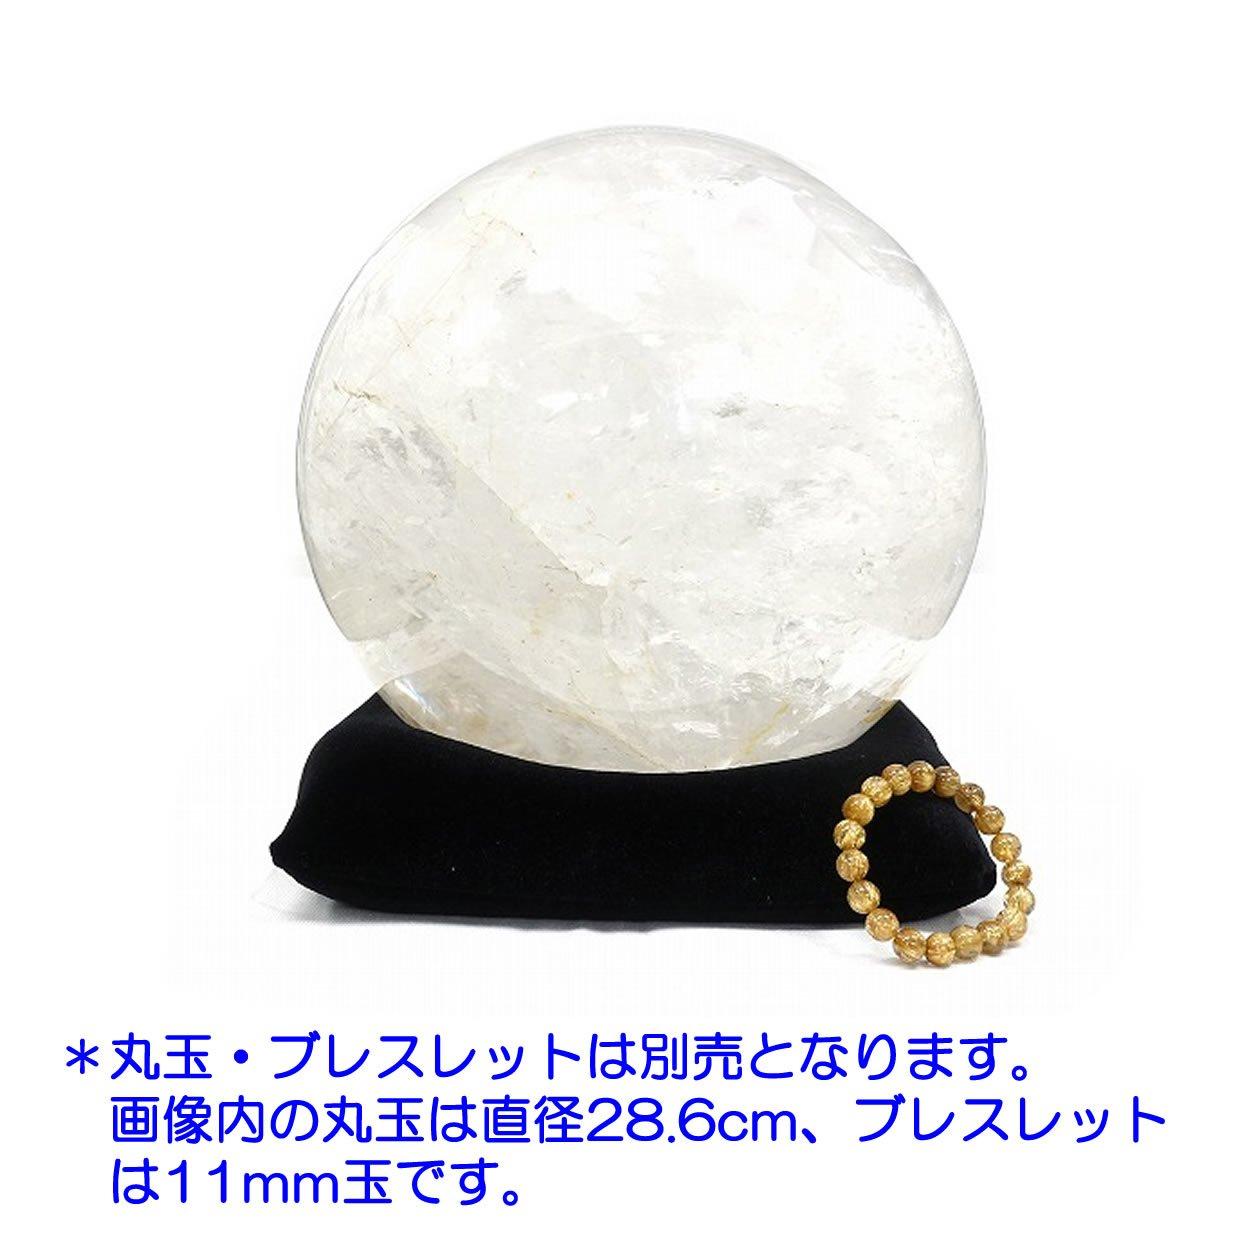 ハッピーボム 置石用 座布団 クッション 黒色 大きさを選べる 丸玉